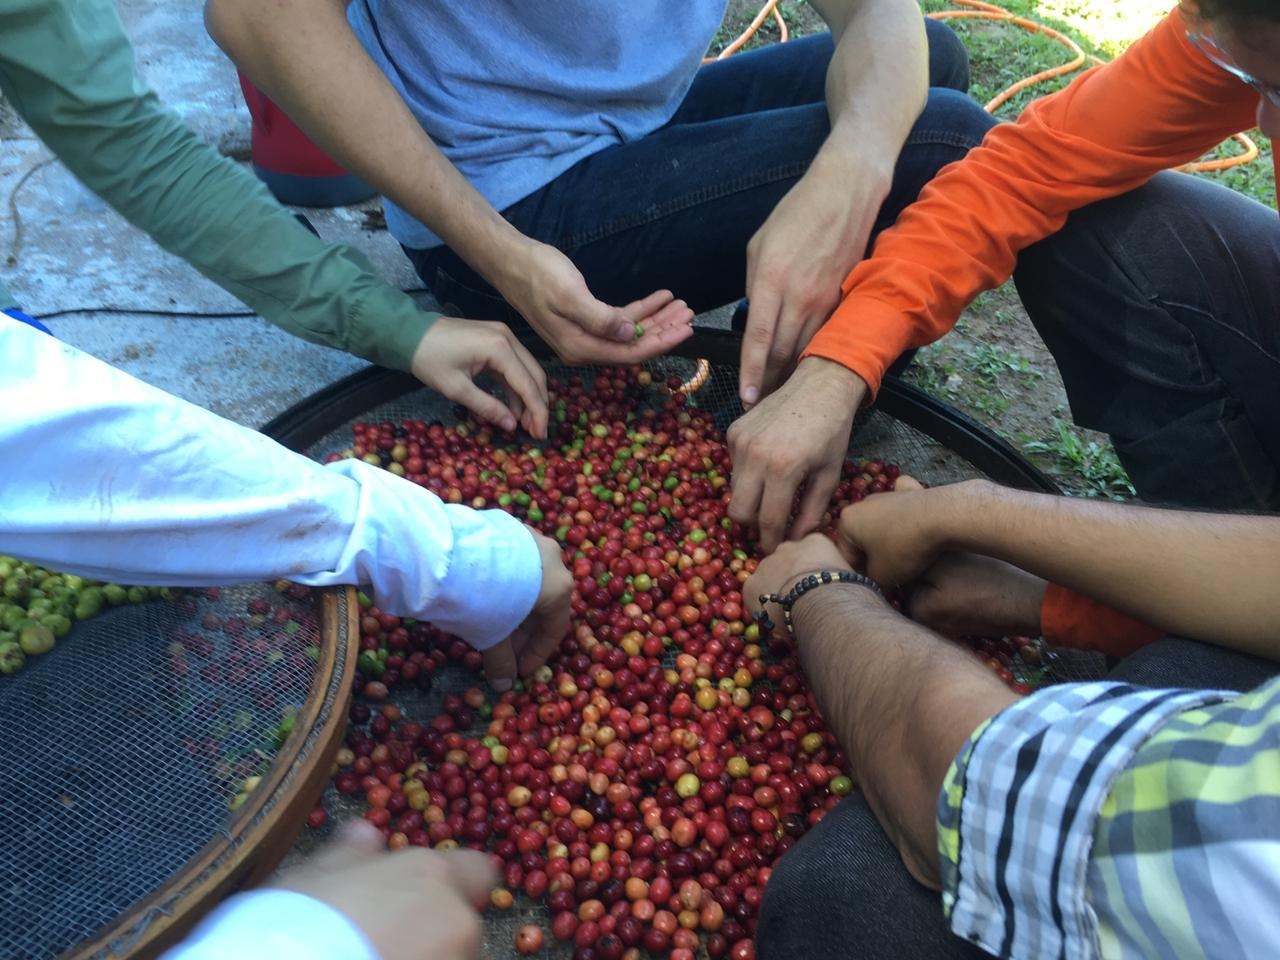 Trabalho de cooperativa fortalece produção de café sustentável no Cerrado mineiro